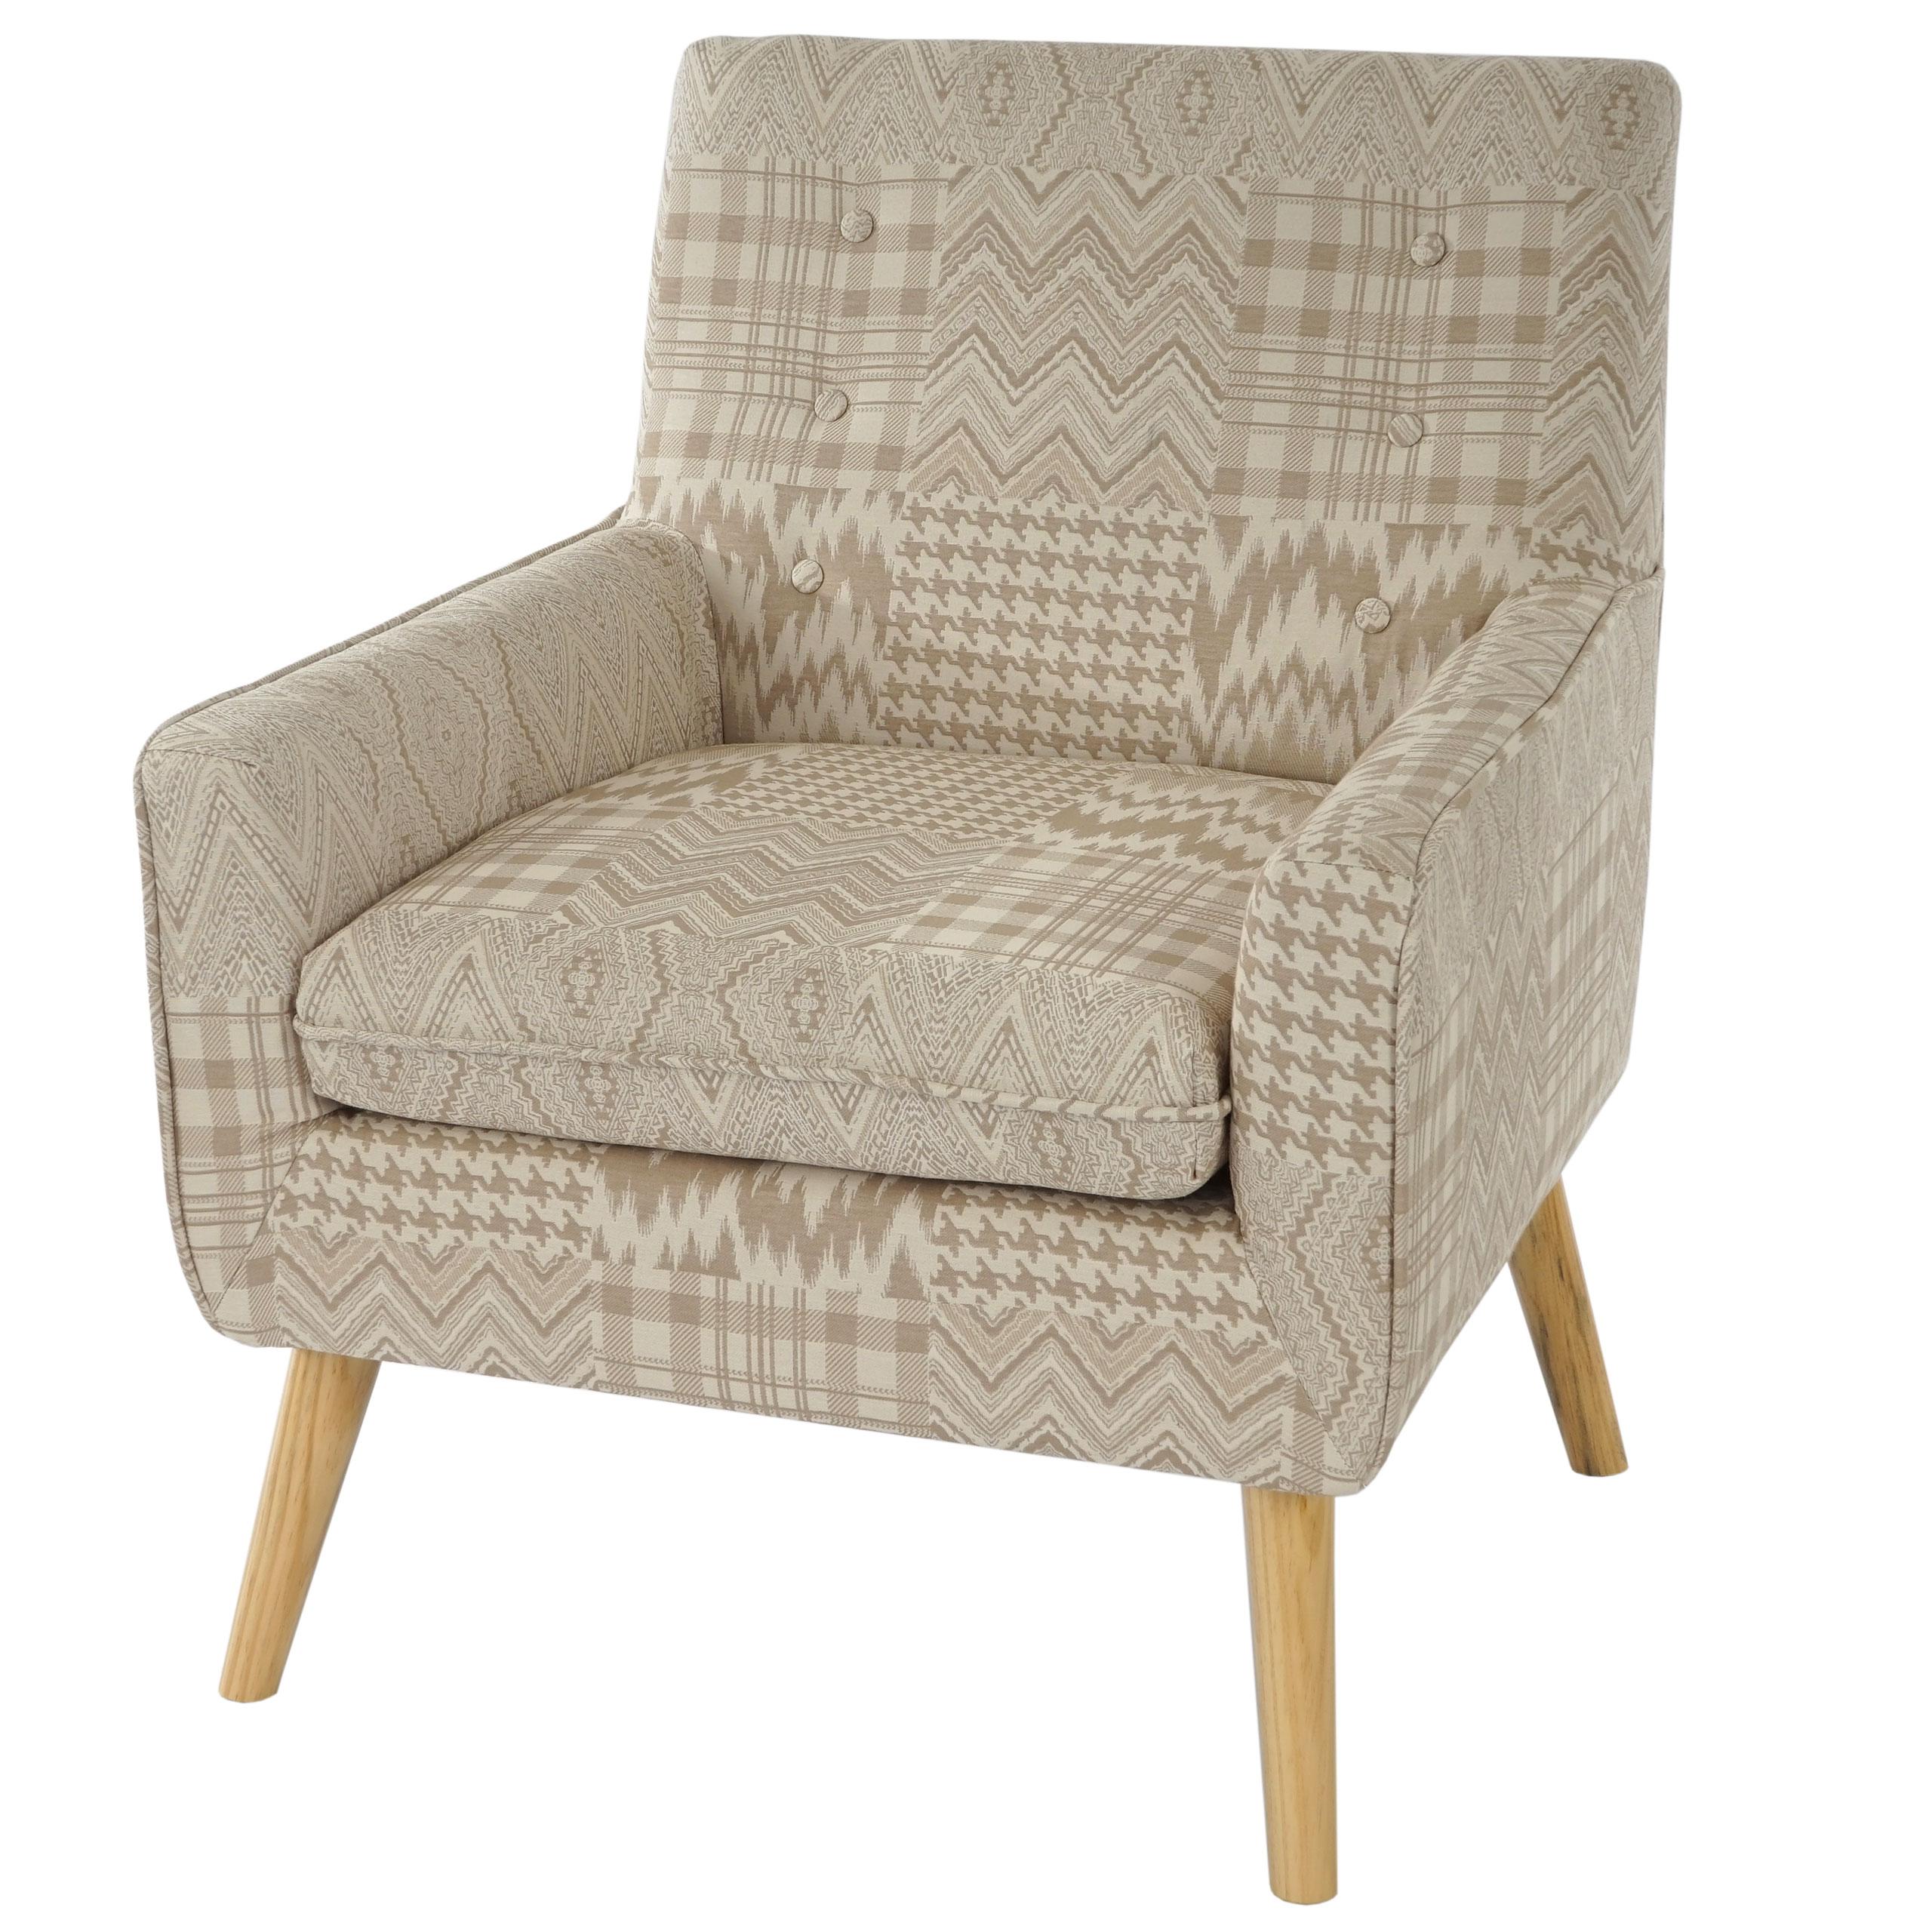 sessel malm t370 retro 50er jahre design textil. Black Bedroom Furniture Sets. Home Design Ideas